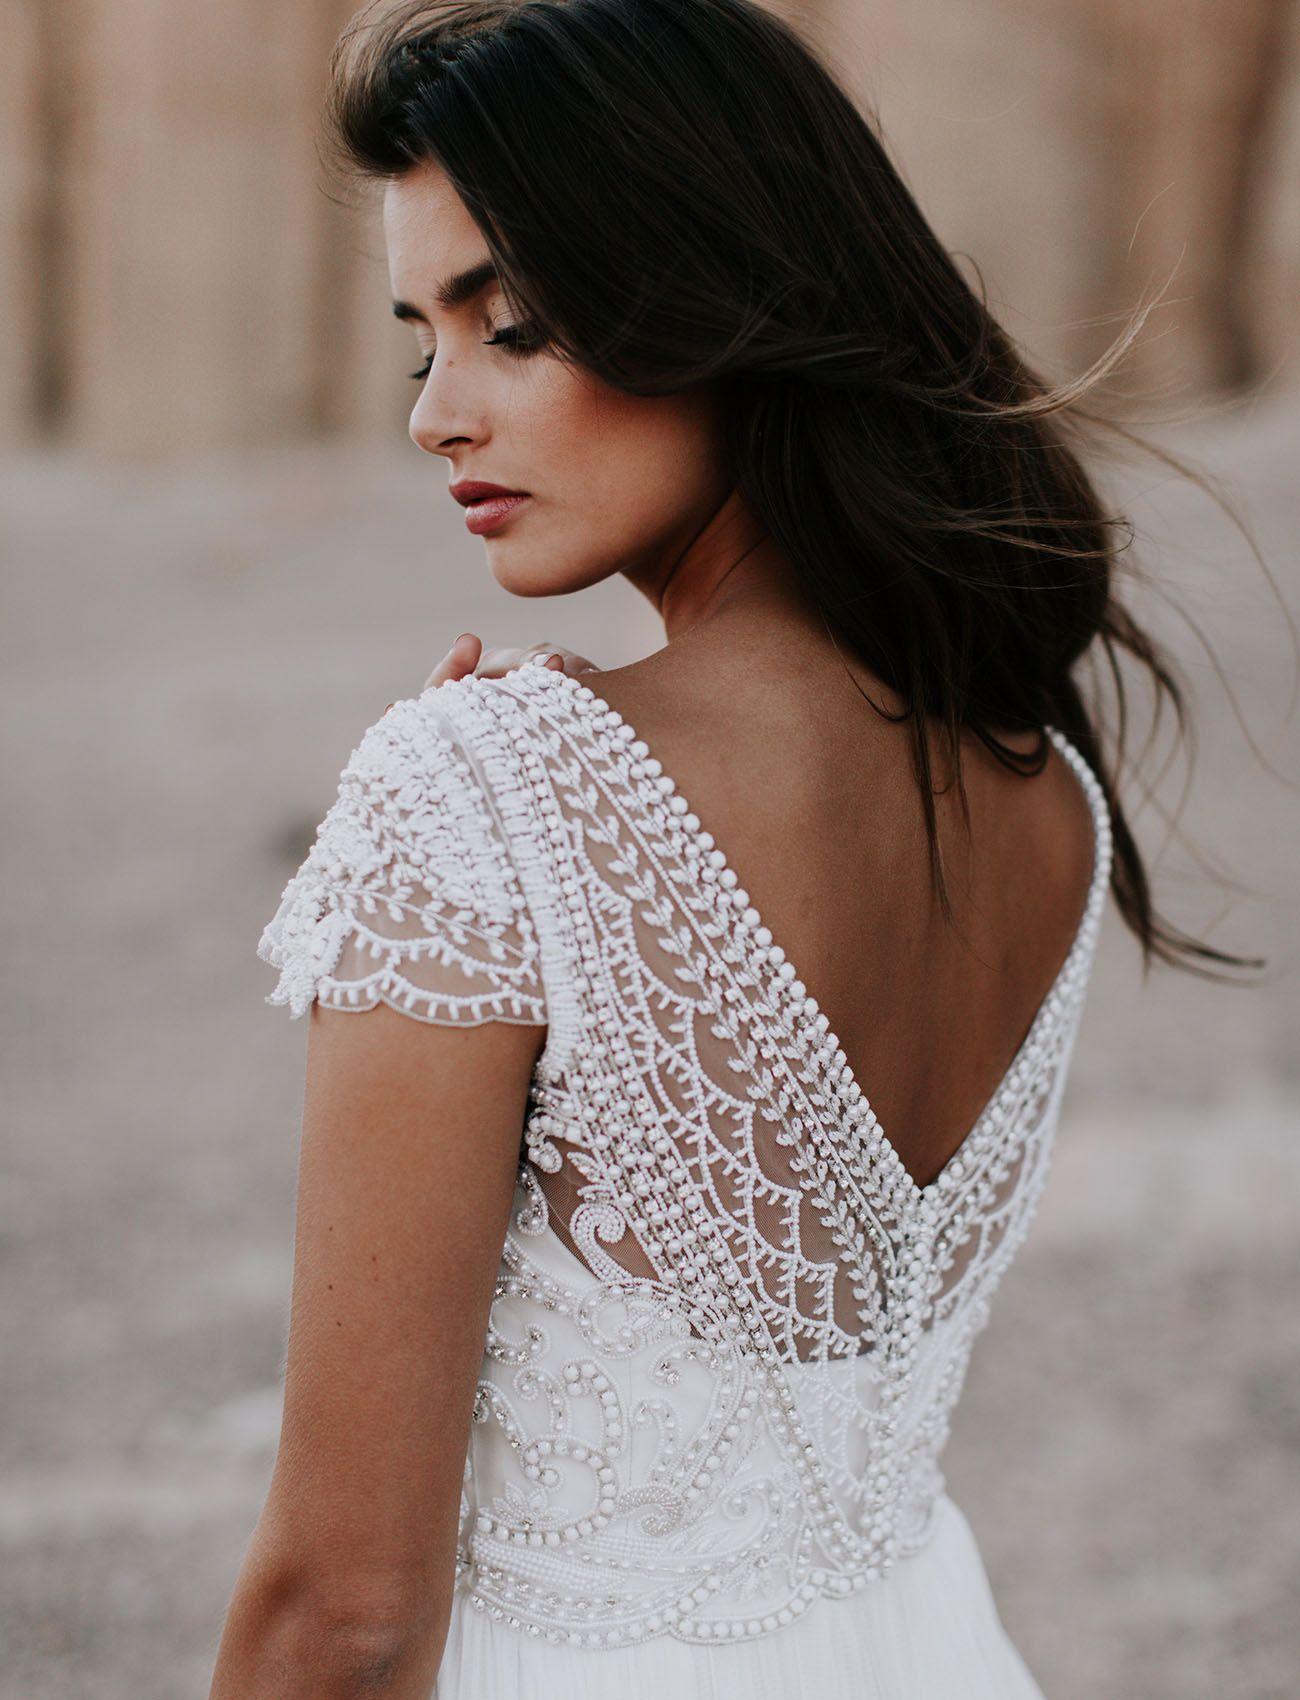 Bohemian Romantic Wedding Dress By Australian Designer Anna Cbell: Anna Inspired Wedding Dress At Reisefeber.org